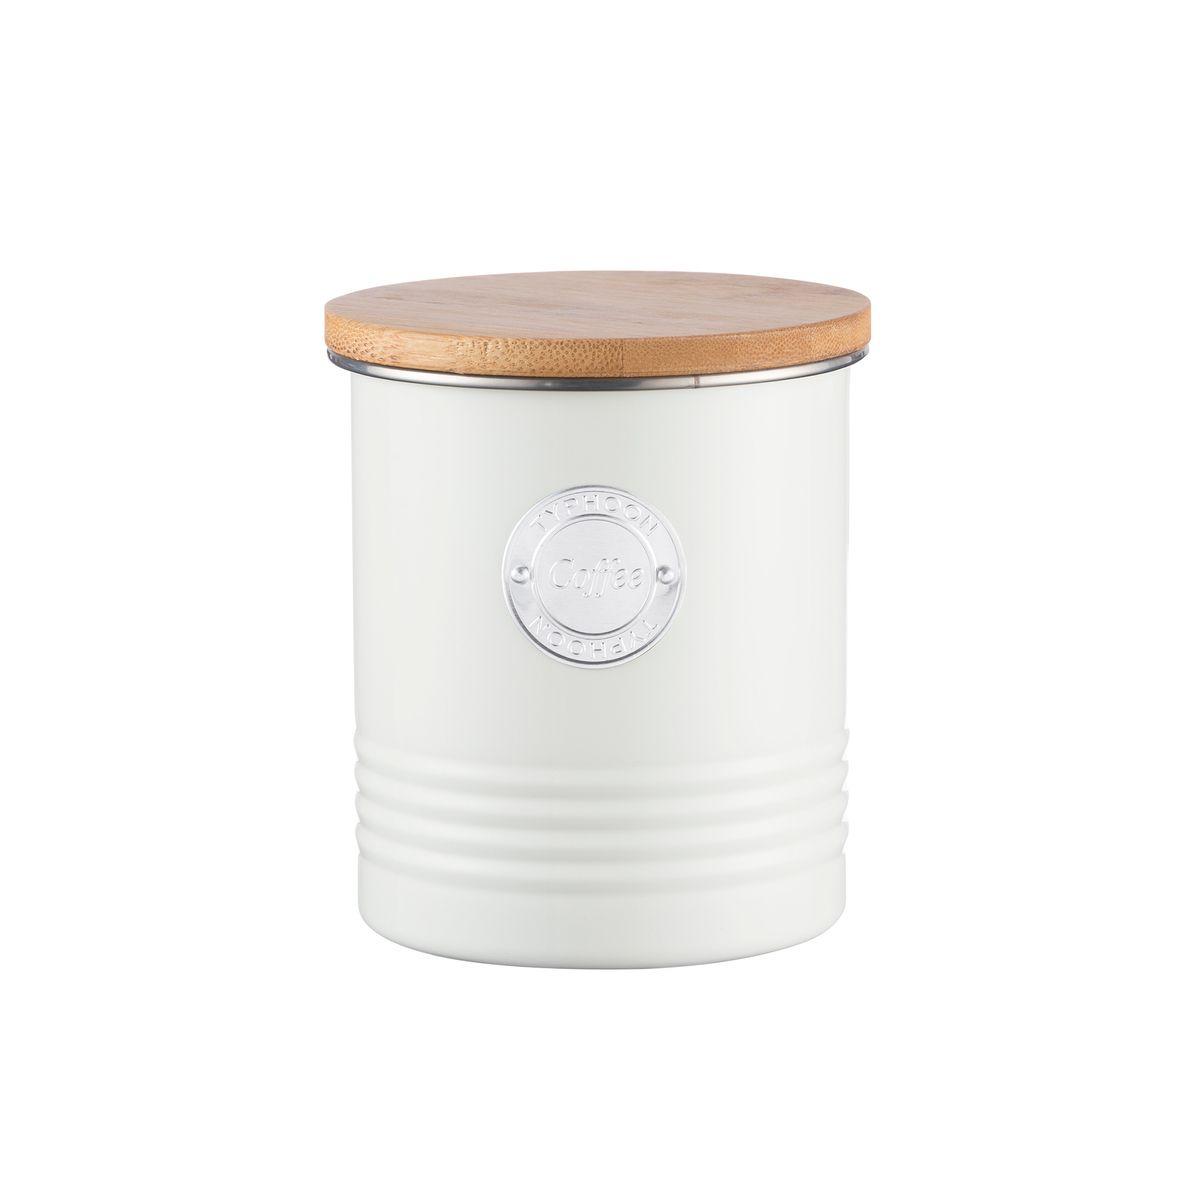 Boîte de conservation pour café - Typhoon